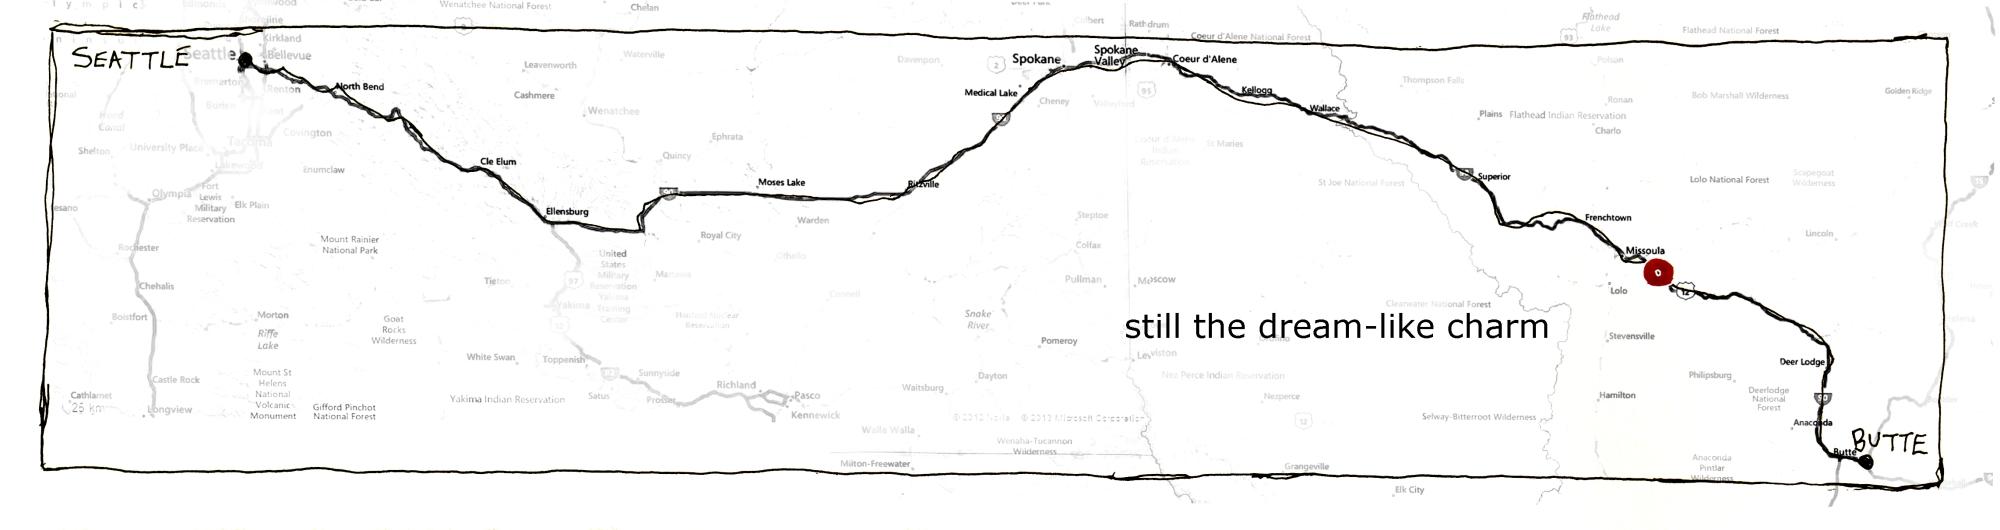 397 map